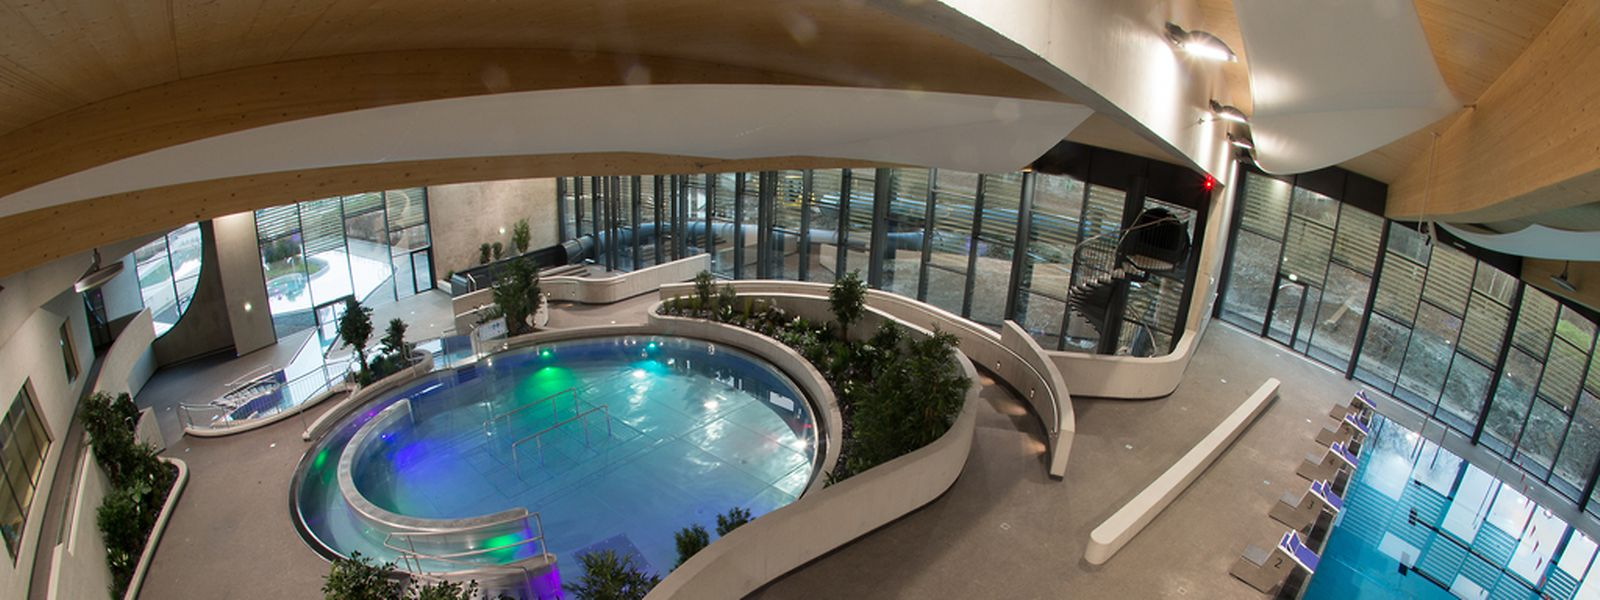 42 Millionen Euro kostete das im Januar diesen Jahres eröffnete Aquasud in Oberkorn. 27 Millionen werden von Differdingen getragen. Prognosen zufolge wird das Schwimmbad die Stadt pro Jahr 1,250 Millionen Euro kosten.